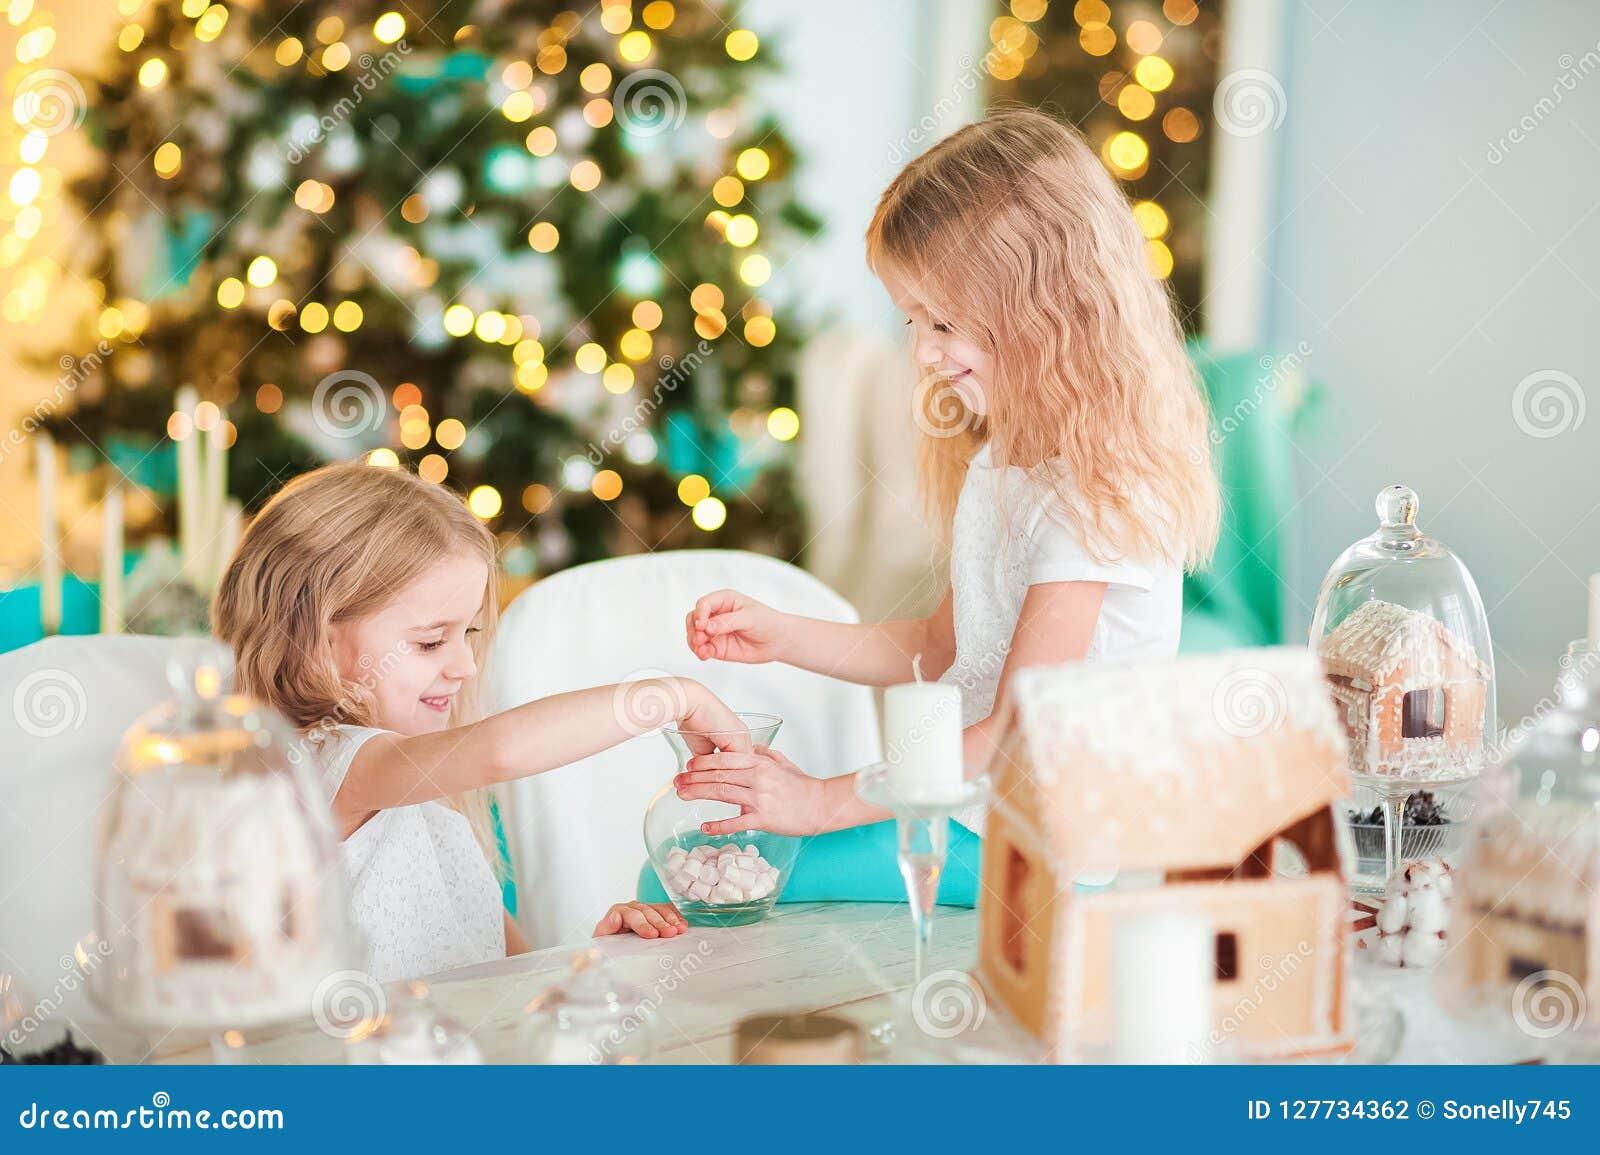 双姐妹在一张桌上在使用与一个姜房子的厨房里新年 明亮的颜色的厨房装饰